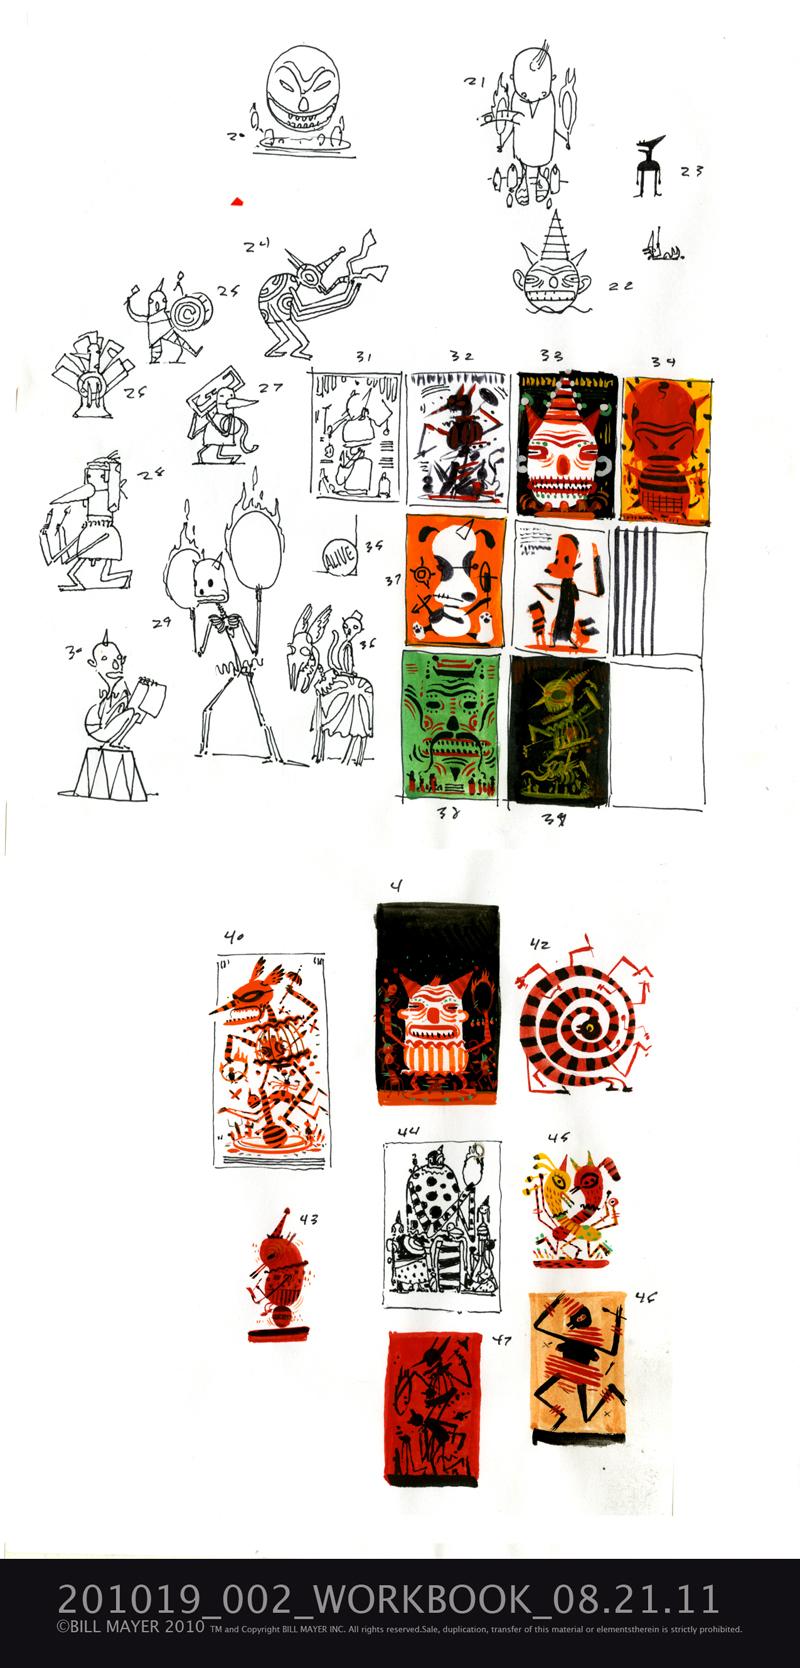 2011031_002 copy.jpg